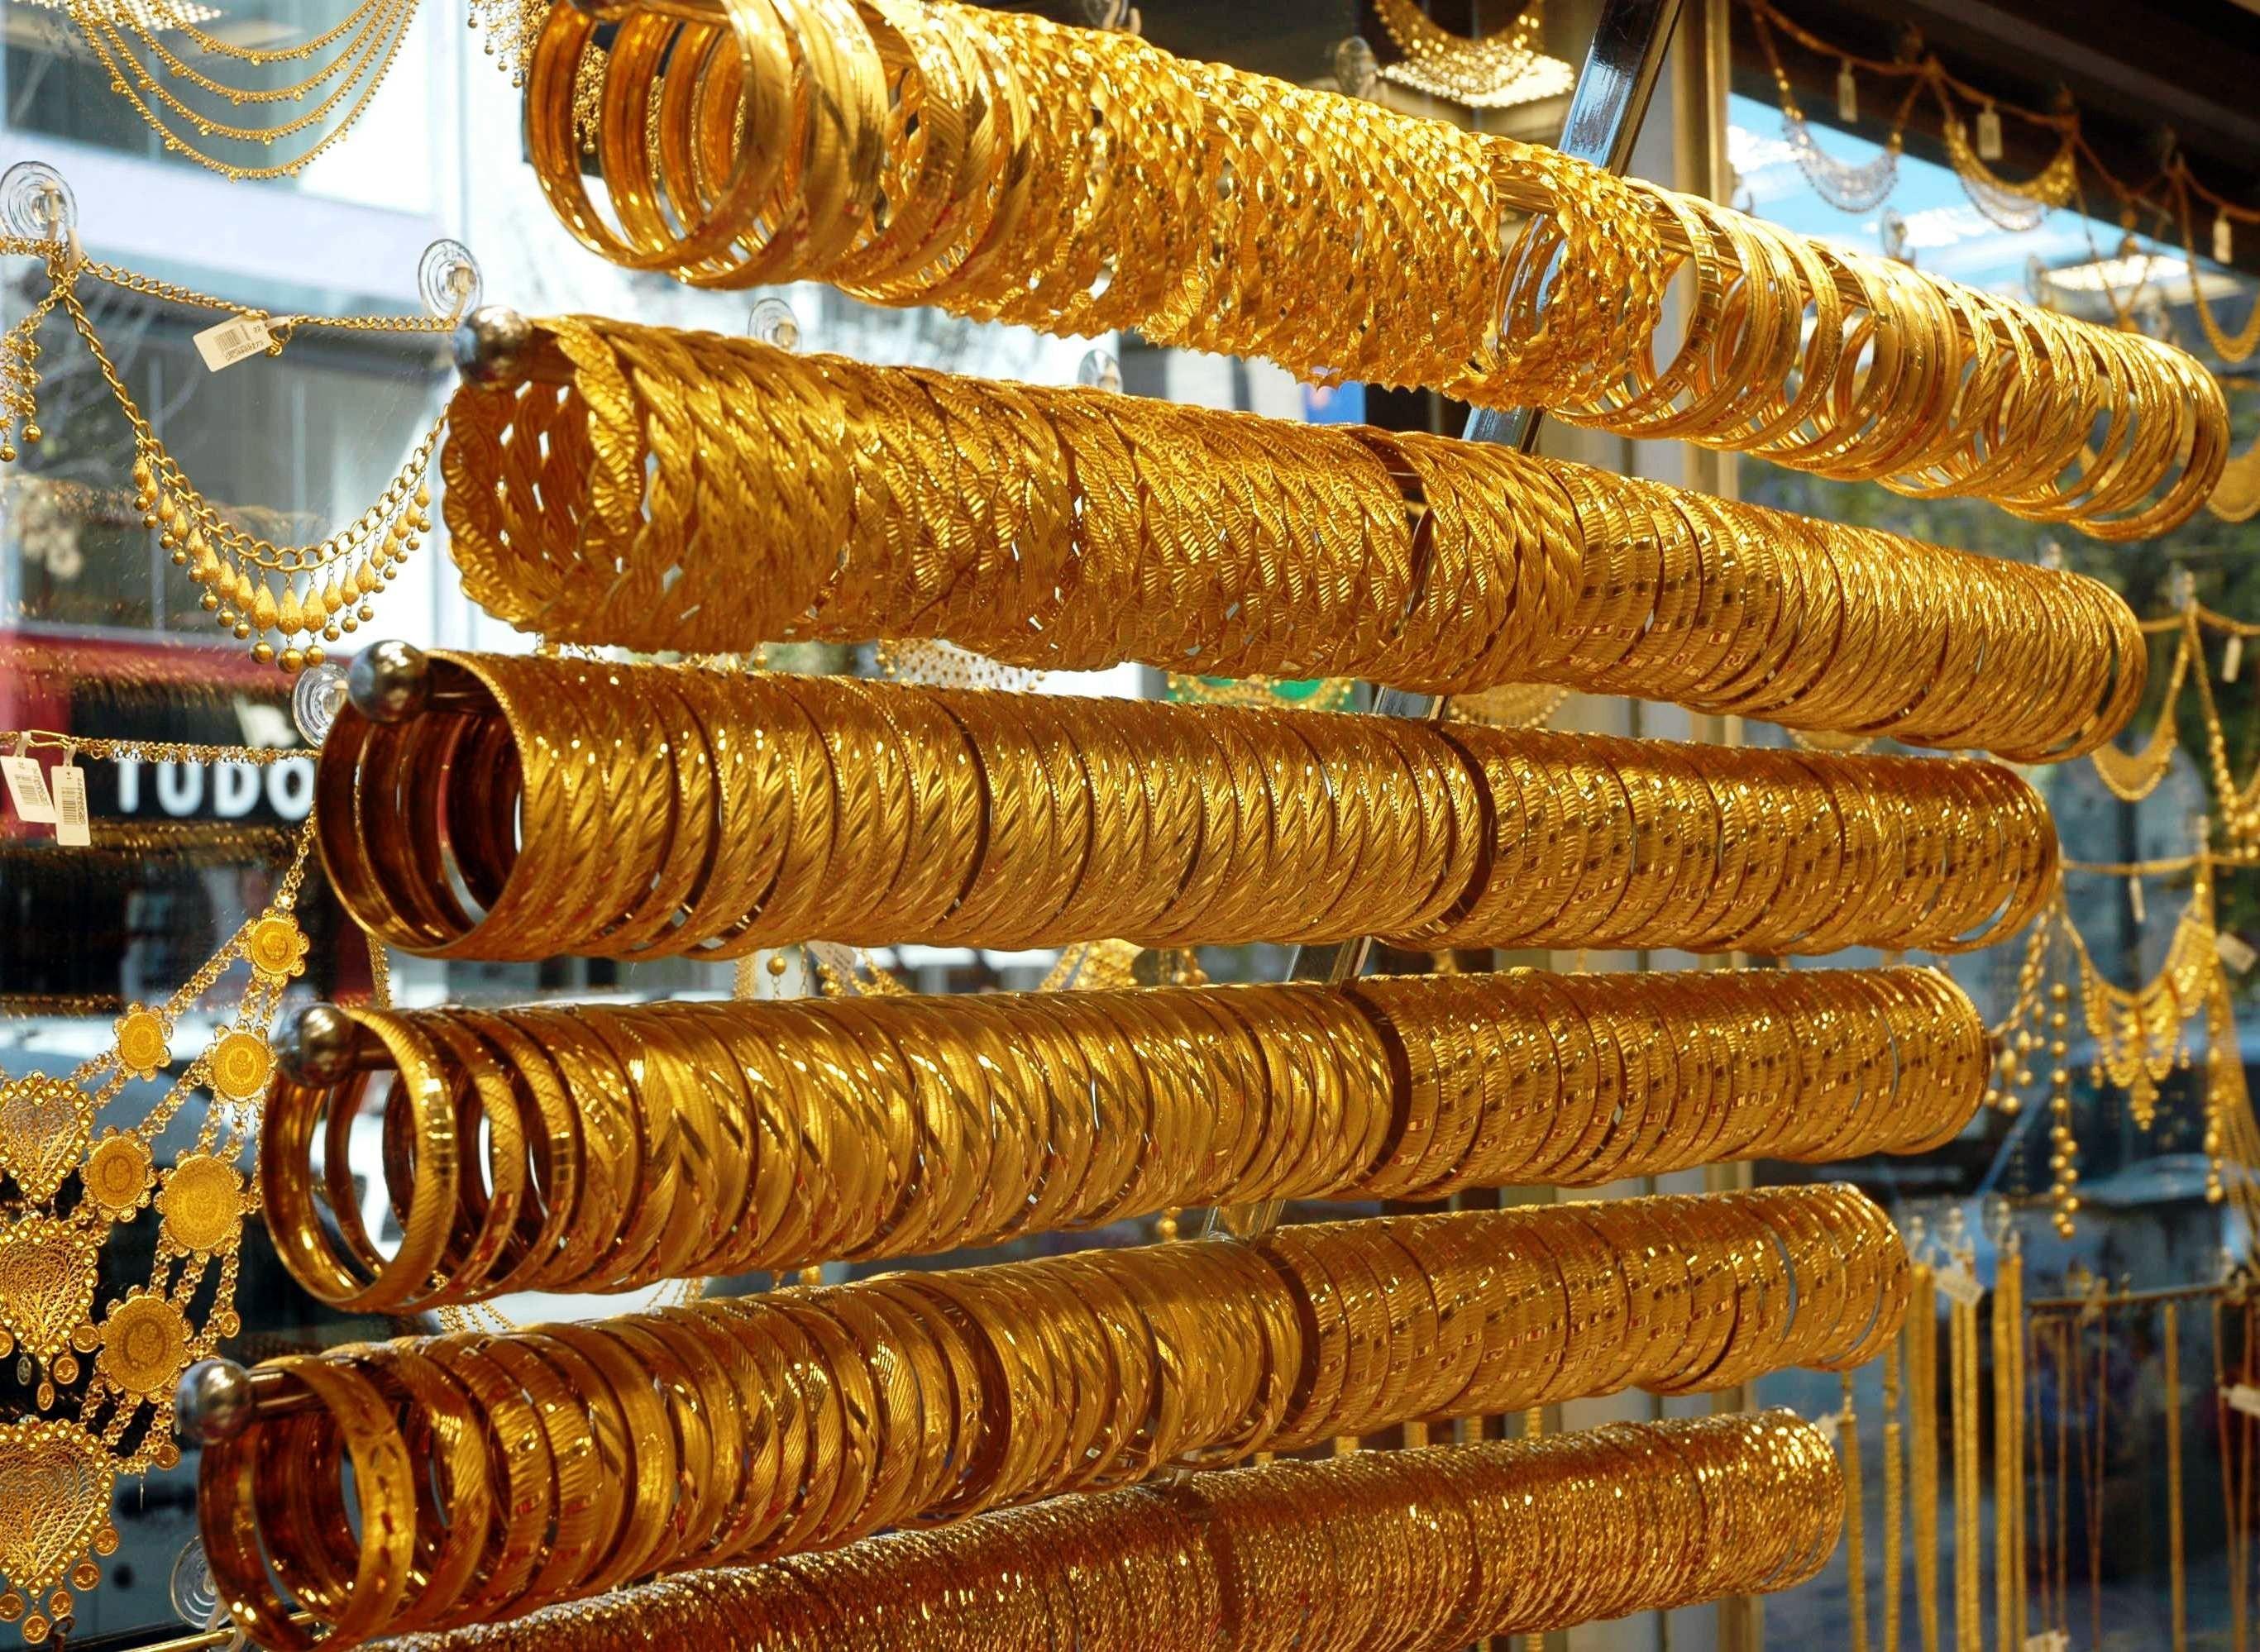 <p>Serbest piyasada 24 ayar külçe altının gram satış fiyatı 444 lira oldu.<br /><br /></p> <p>İstanbul Kapalıçarşı'da 443,80 liradan alınan 24 Ayar Külçe Altın (Gr.) 444 liradan, 2 bin 925 liradan alınan Cumhuriyet Ata Lira 2 bin 946 liradan, 404,75 liradan alınan 22 Ayar Bilezik (Gr.) 408,75 liradan, 2 bin 858 liradan alınan Lira (Tam) Ziynet 2 bin 878 liradan, bin 429 liradan alınan Yarım Ziynet bin 439 liradan ve 715 liradan alınan Çeyrek Ziynet 720 liradan satıldı.</p>